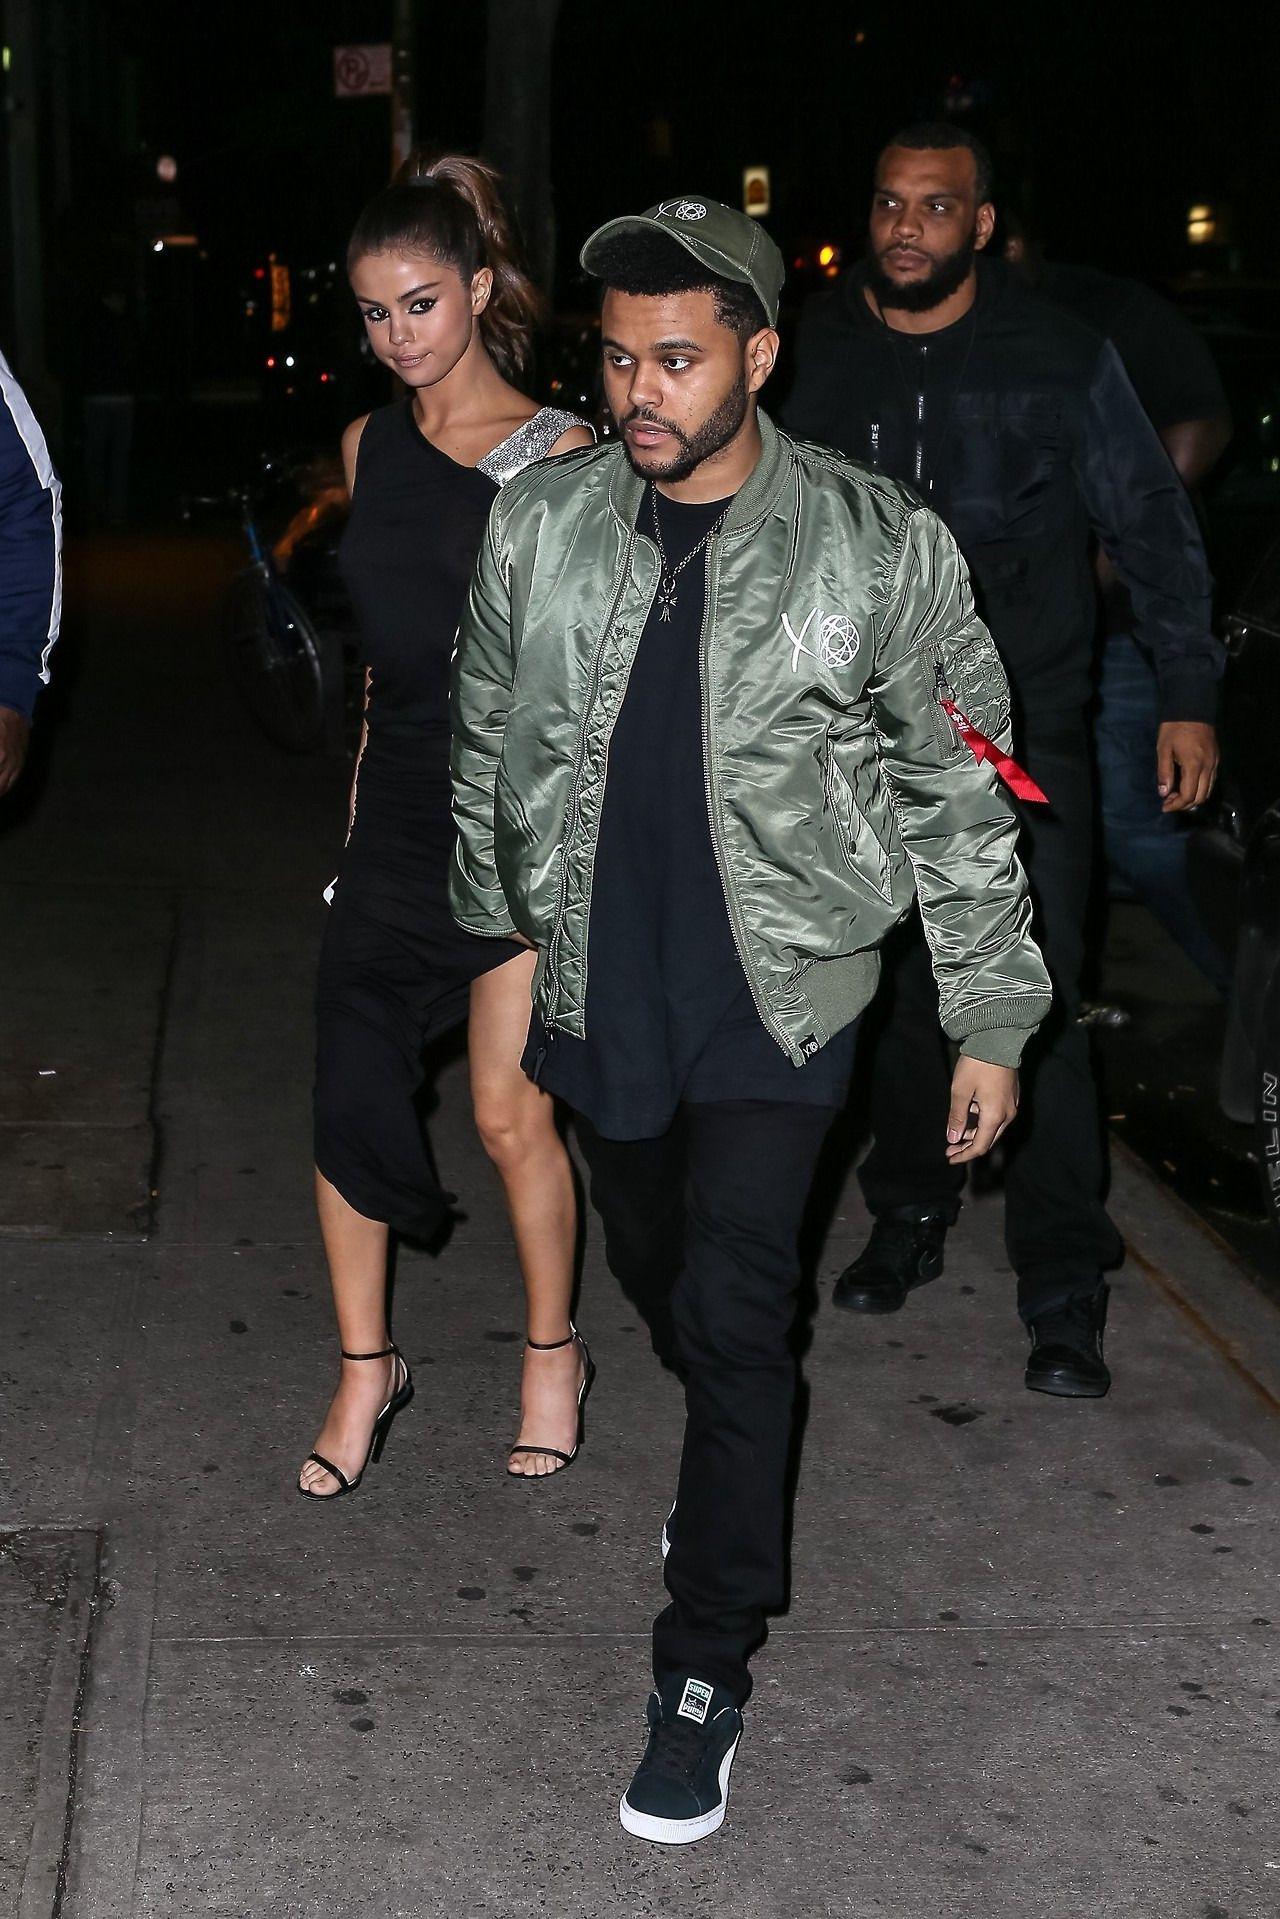 Selena Gomez News — June 7: [More] Selena arriving at a restaurant...